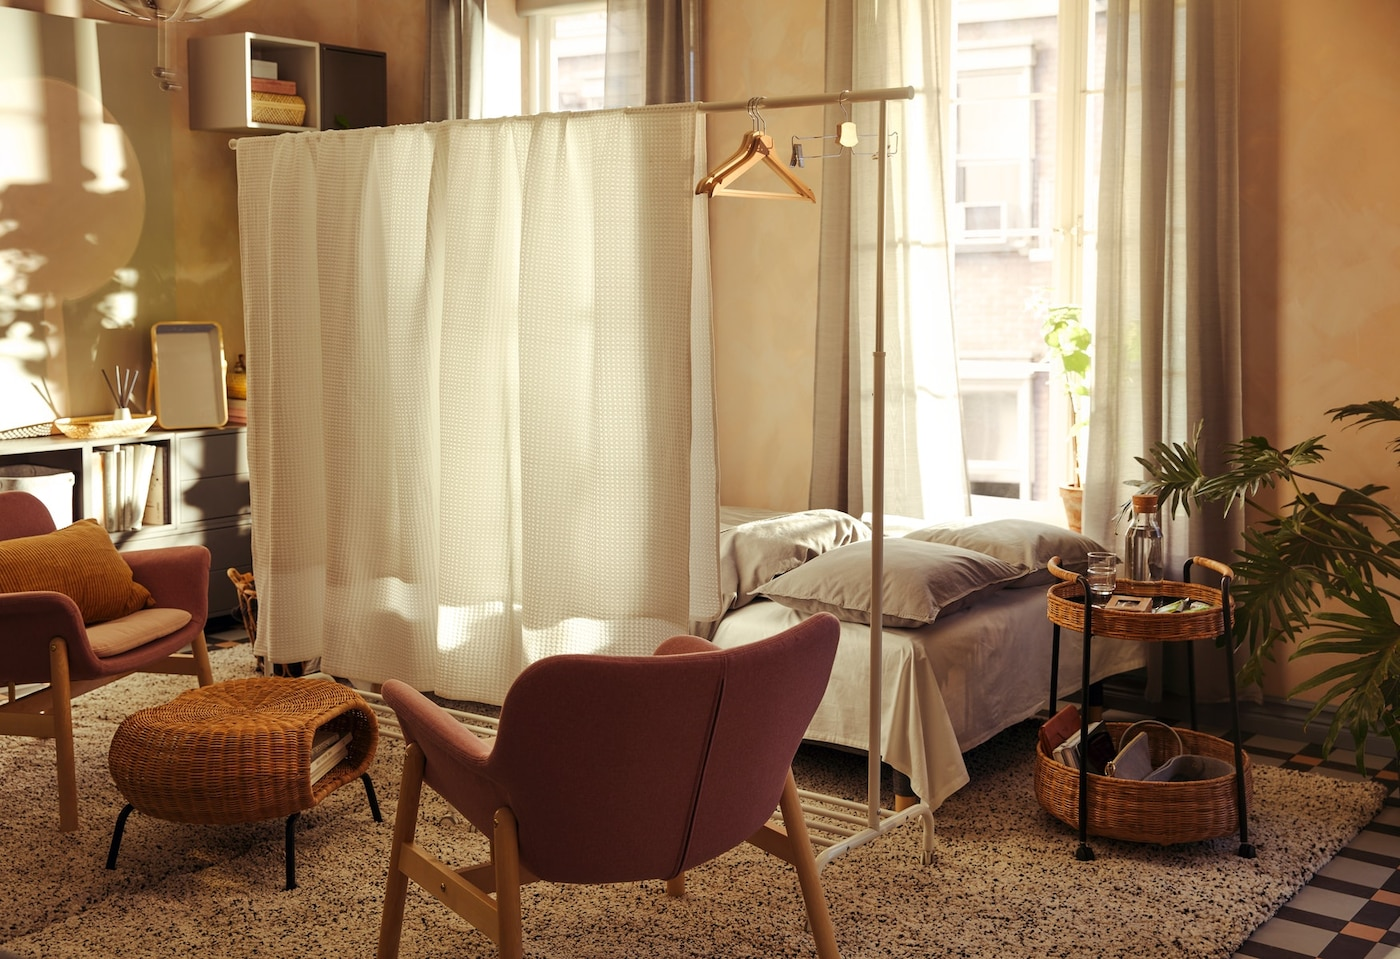 Wohnraumeinrichtung, bei der ein großes Bett hinter einem Raumteiler aus einem RIGGA Garderobenständer und VÅRELD Tagesdecken steht